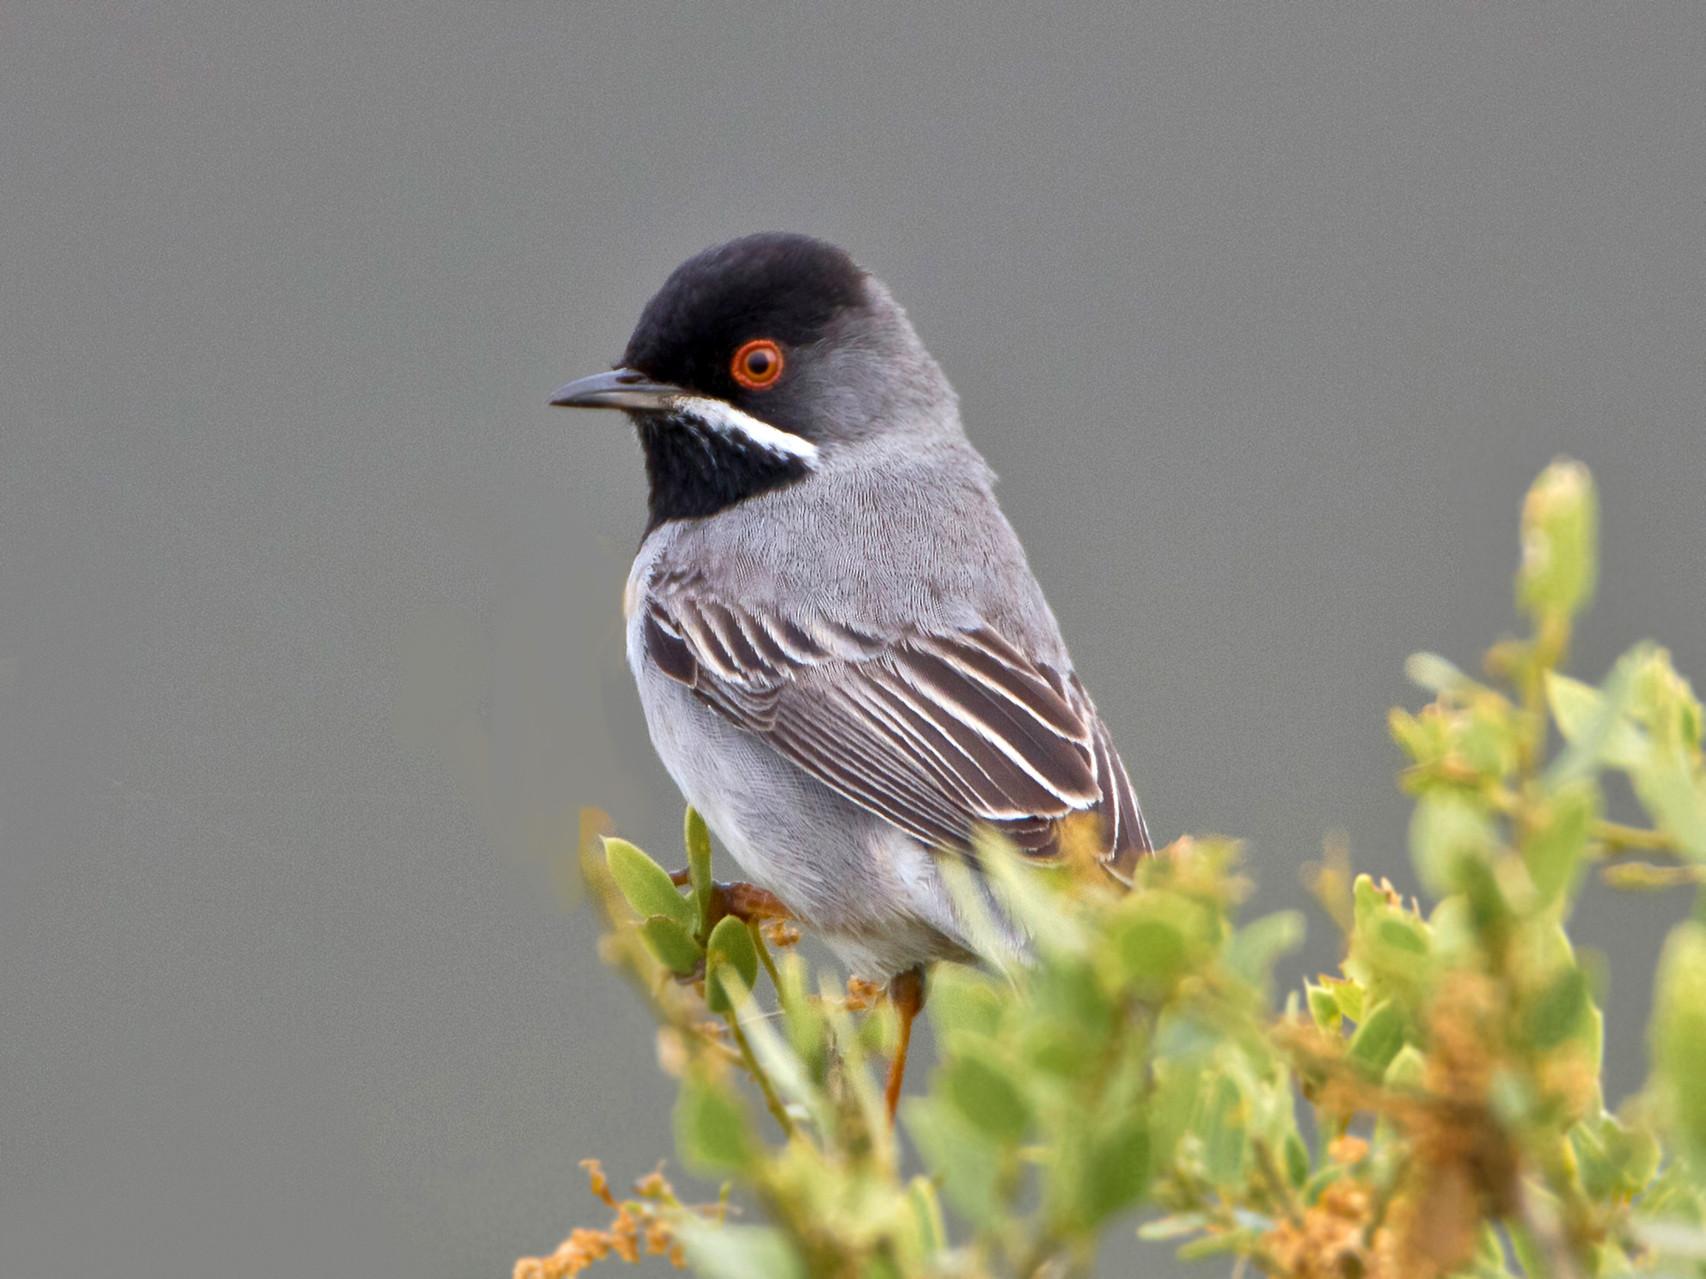 Er scheint sich seiner ornithologischen Bedeutung bewusst zu sein und zeigt sich nicht allzu häufig...